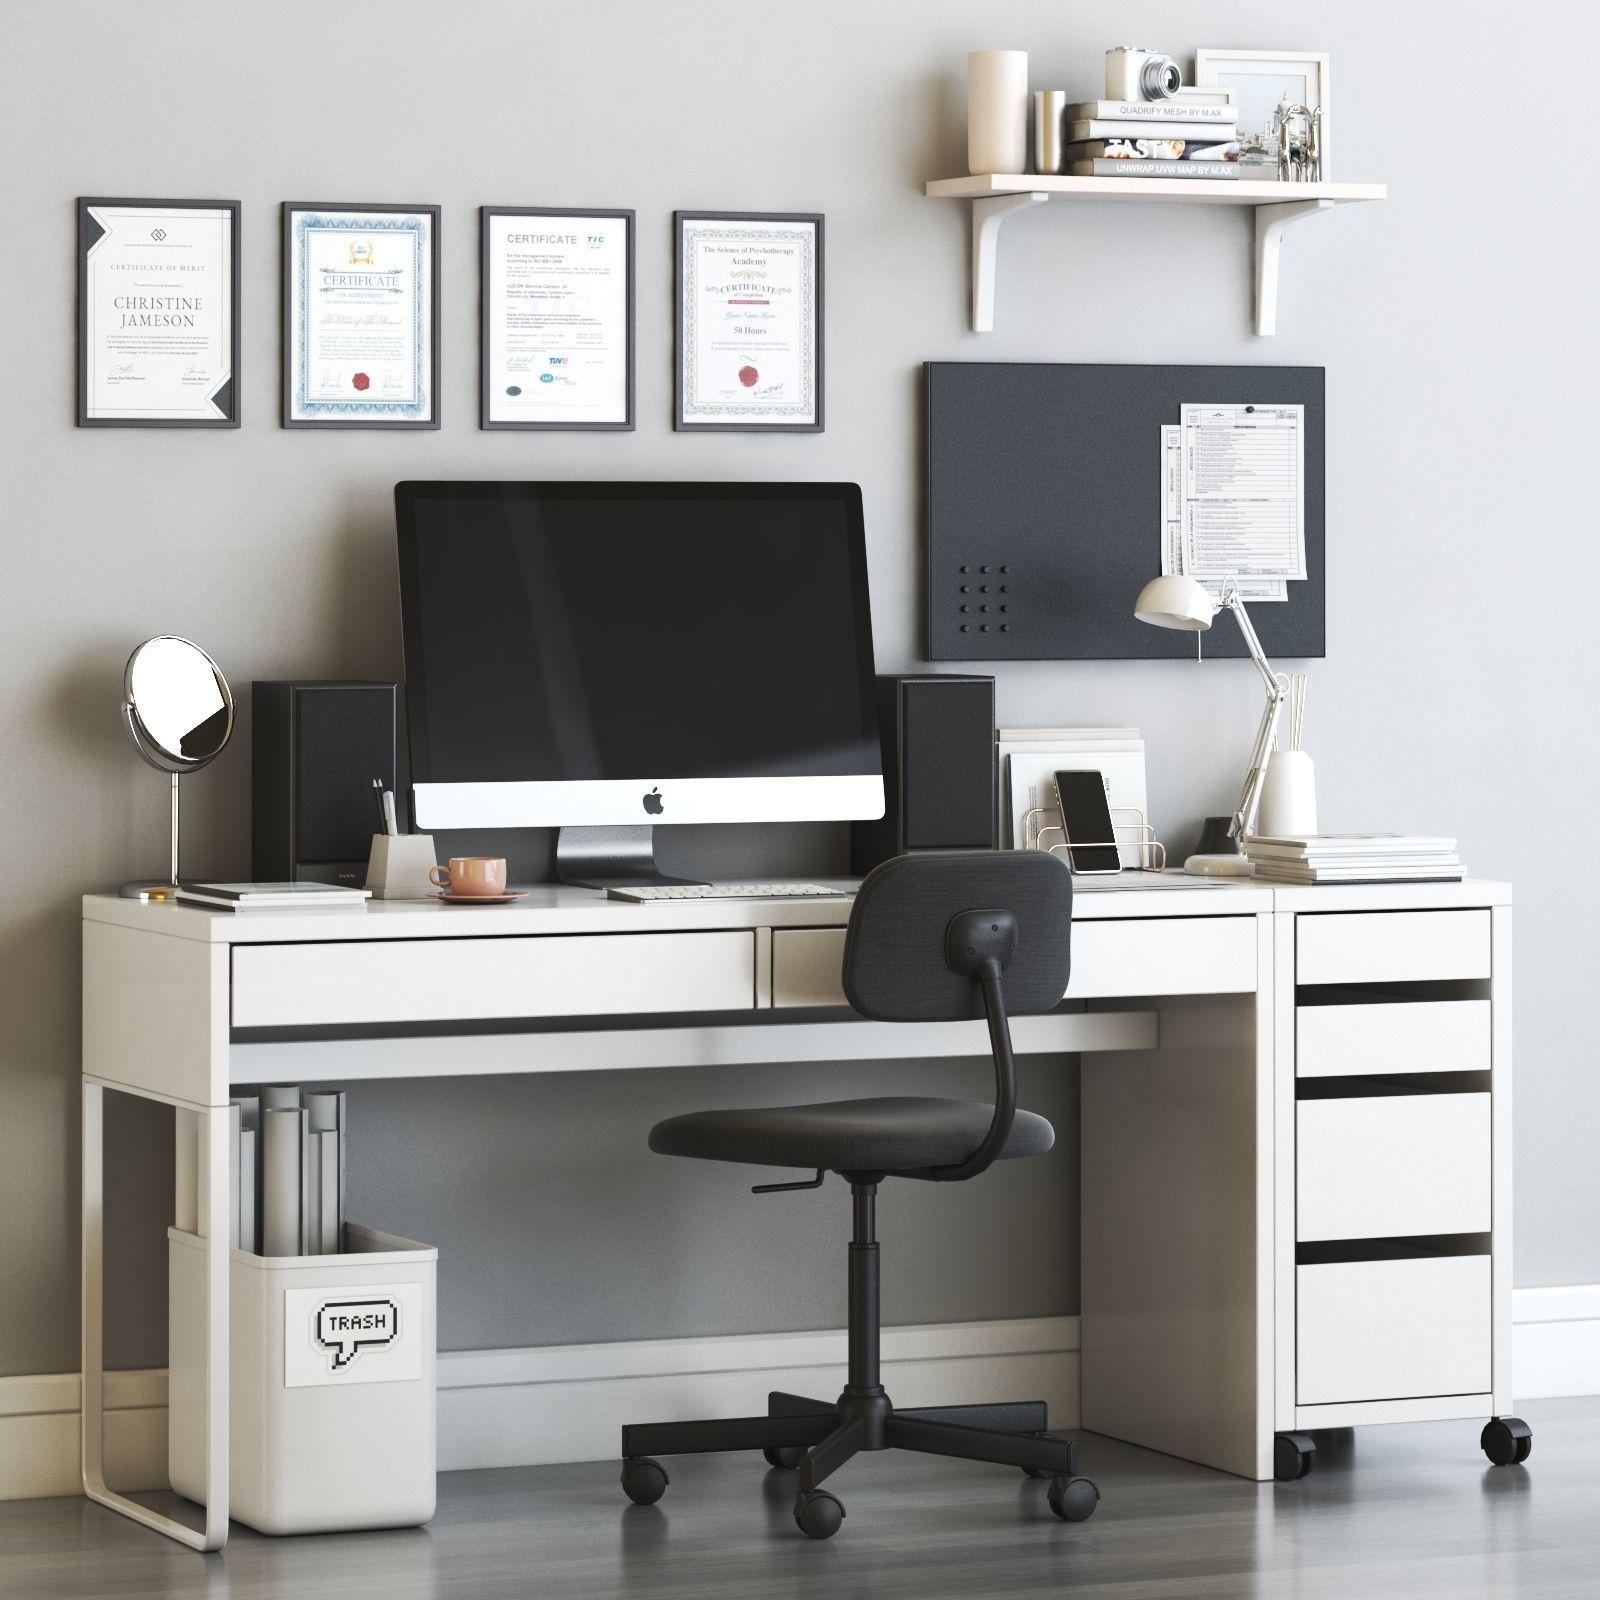 micke scandinavian office workplace set